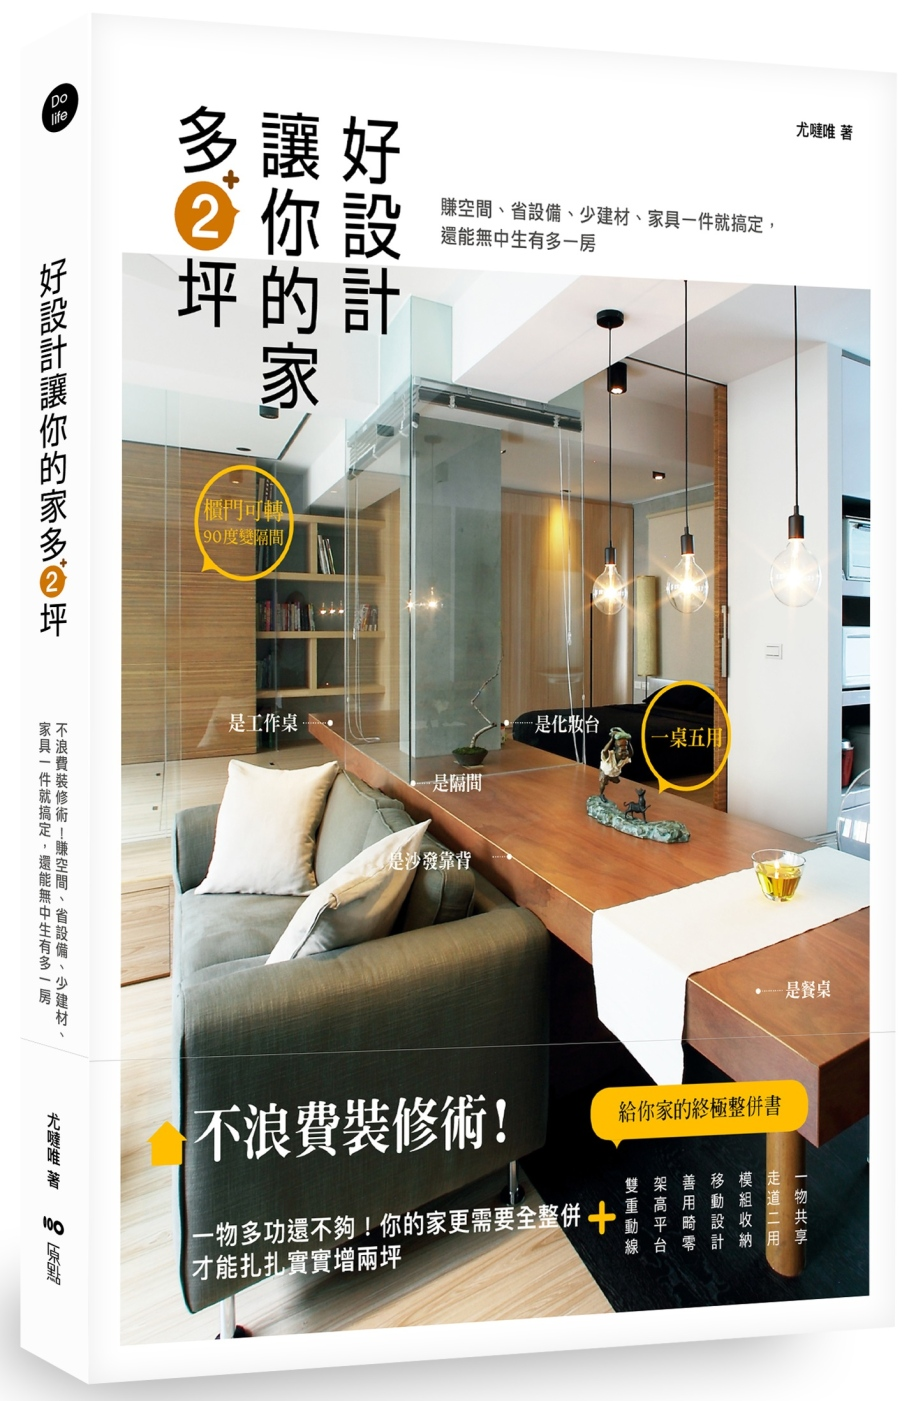 好設計,讓你的家多2坪:不浪費裝修術!賺空間、省設備、少建材、家具一件就搞定,還能無中生有多一房